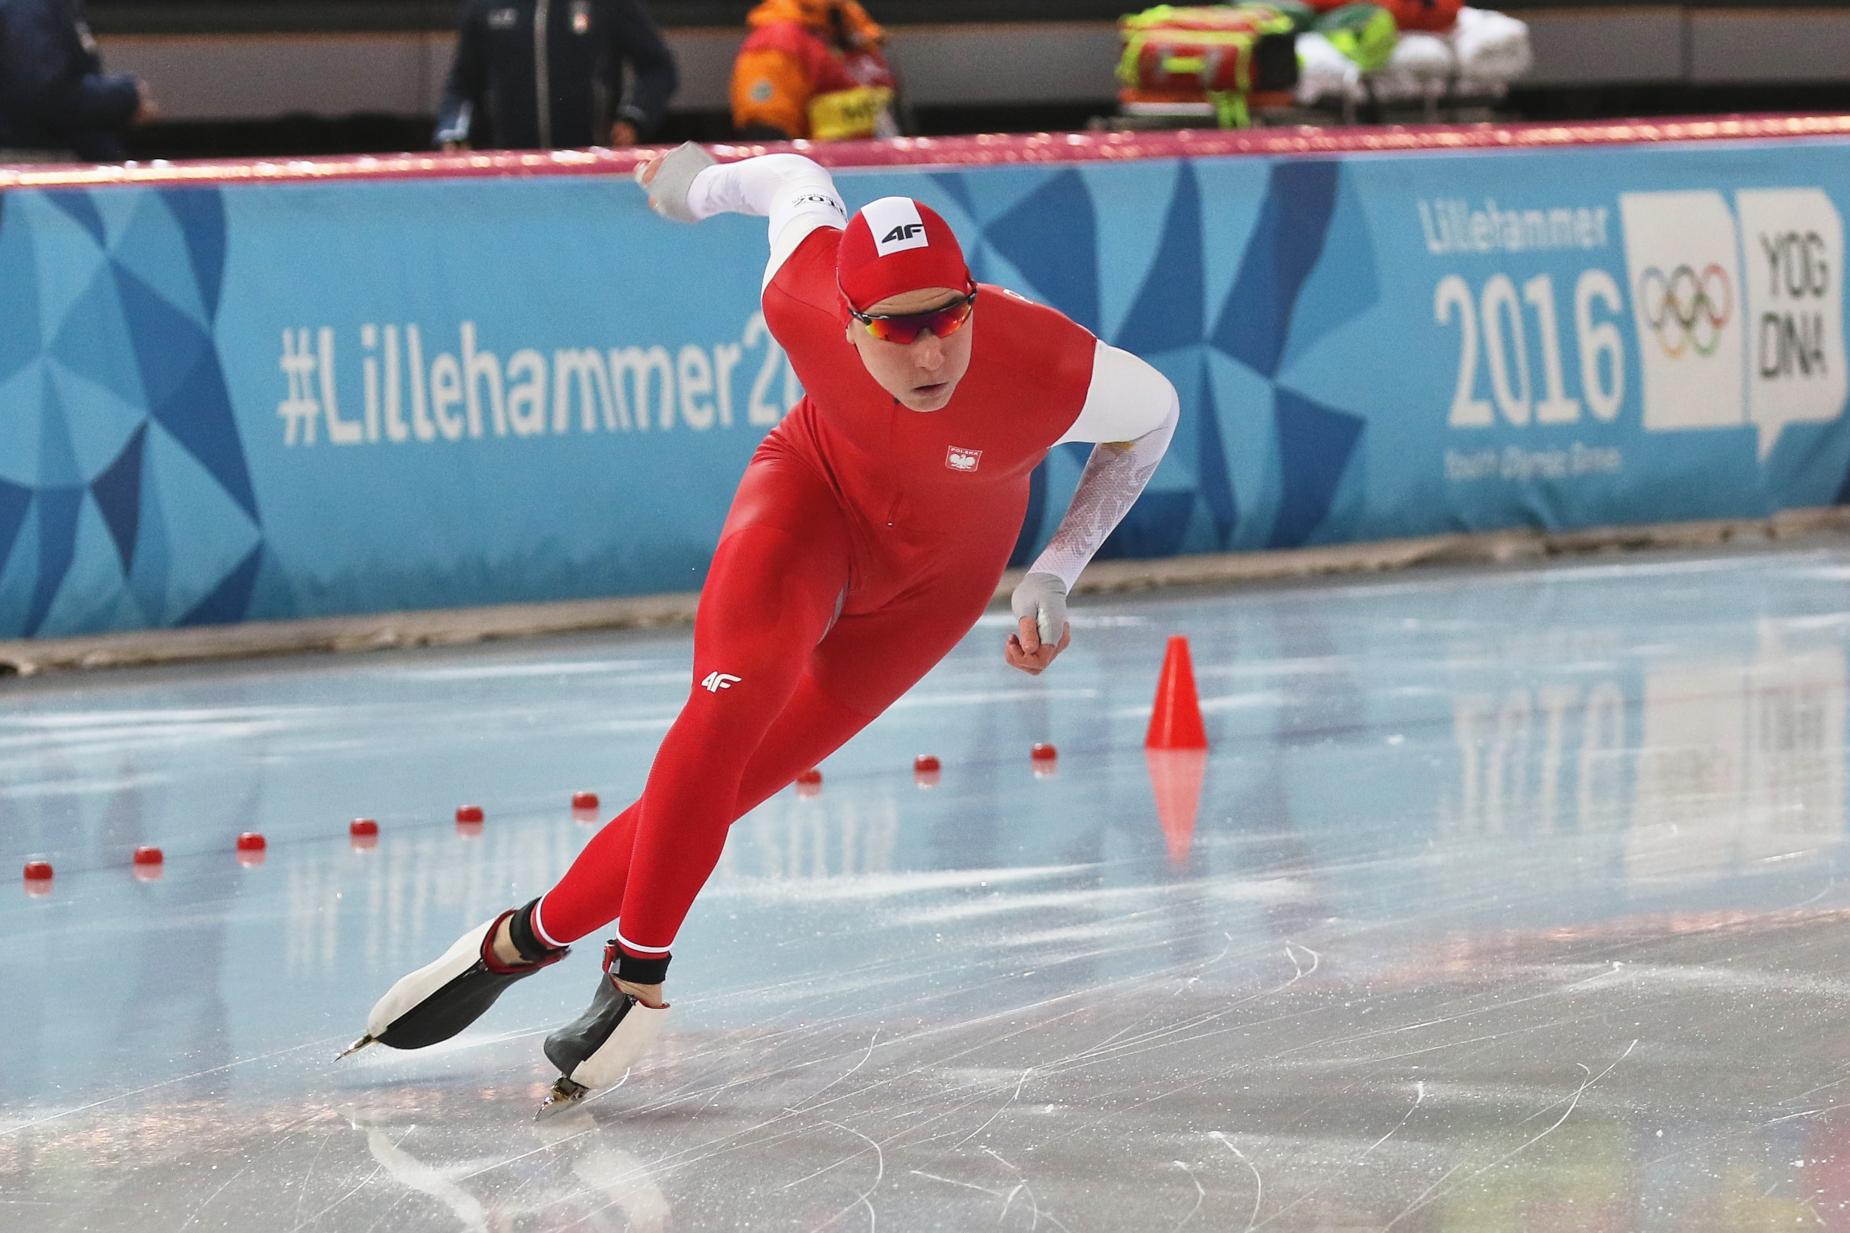 Jeśli łyżwiarstwo szybkie, to tylko na Pomorzu. Do mistrzów z gdańskiego klubu dołączyli kolejni utytułowani zawodnicy